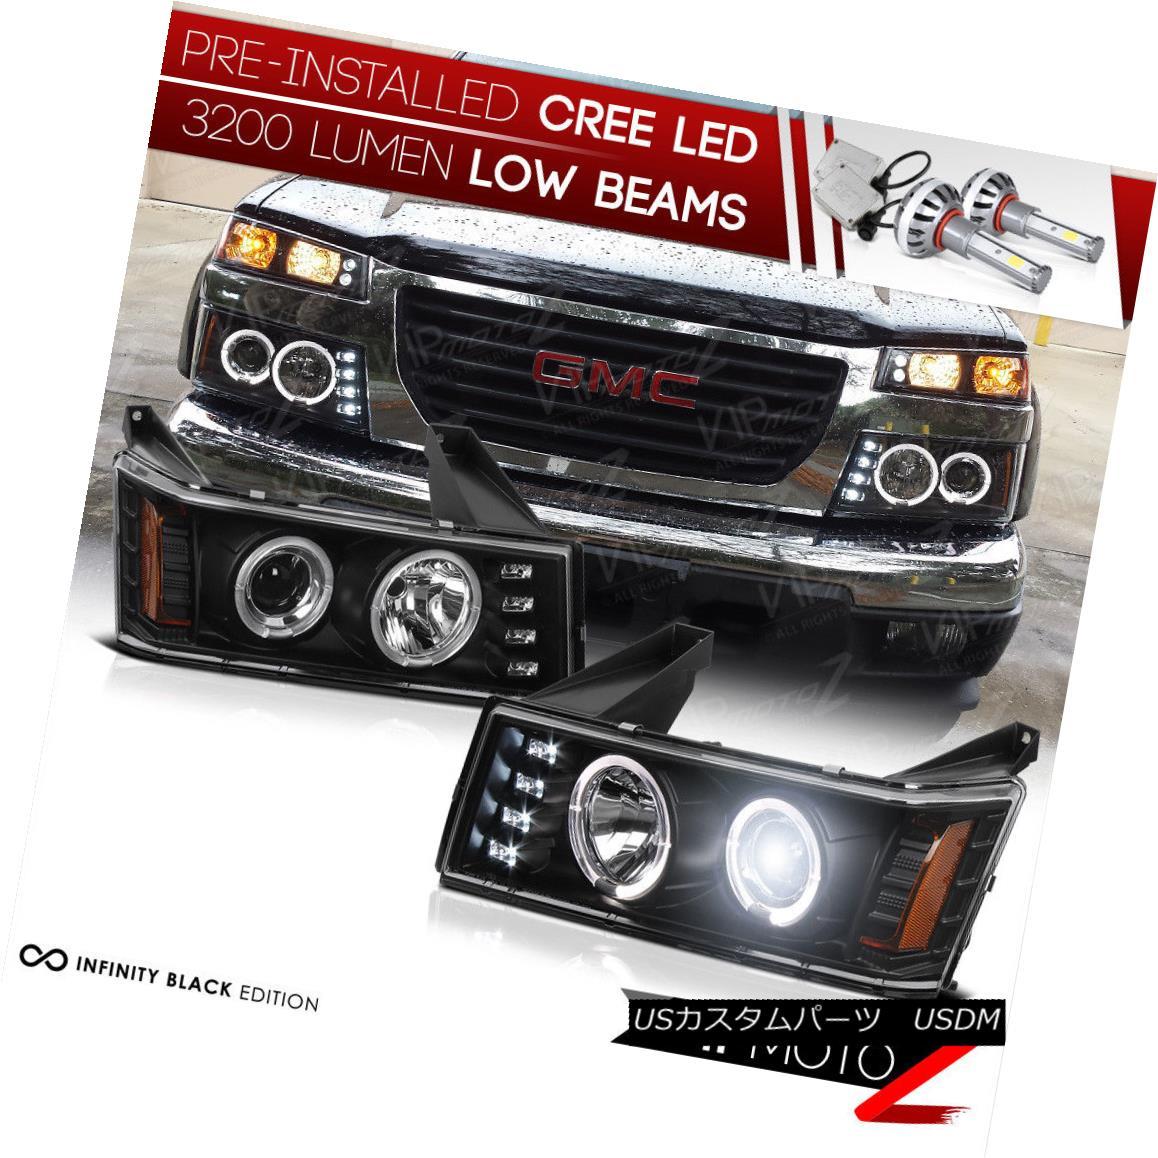 ヘッドライト [CREE LED LOW BEAM] 2004-2012 Chevy Colorado GMC Canyon Halo Projector Headlamp [CREE LED LOW BEAM] 2004-2012シボレー・コロラドGMCキャニオン・ハロー・プロジェクター・ヘッドランプ